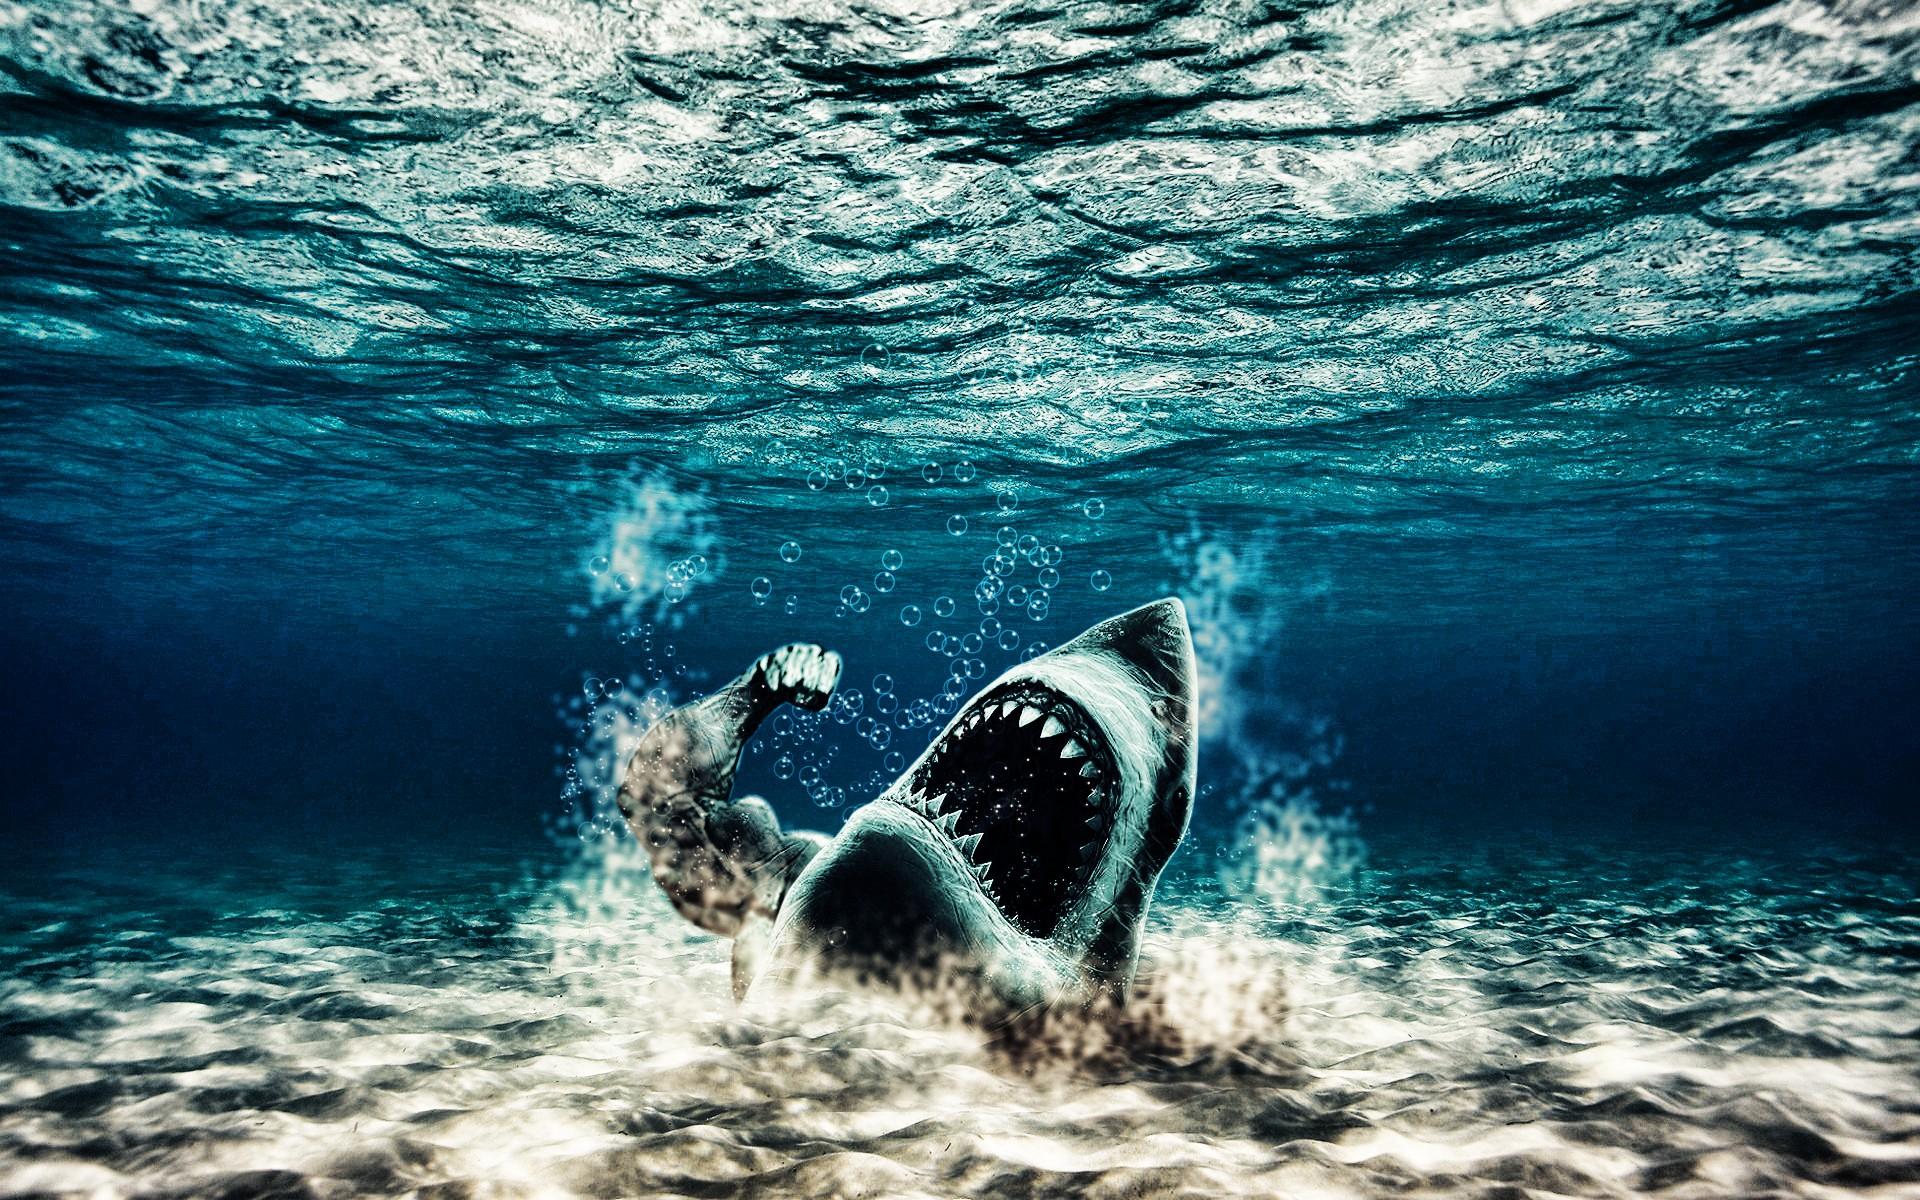 Free Download Underwater Wallpaper Iphone Mobiles Shark